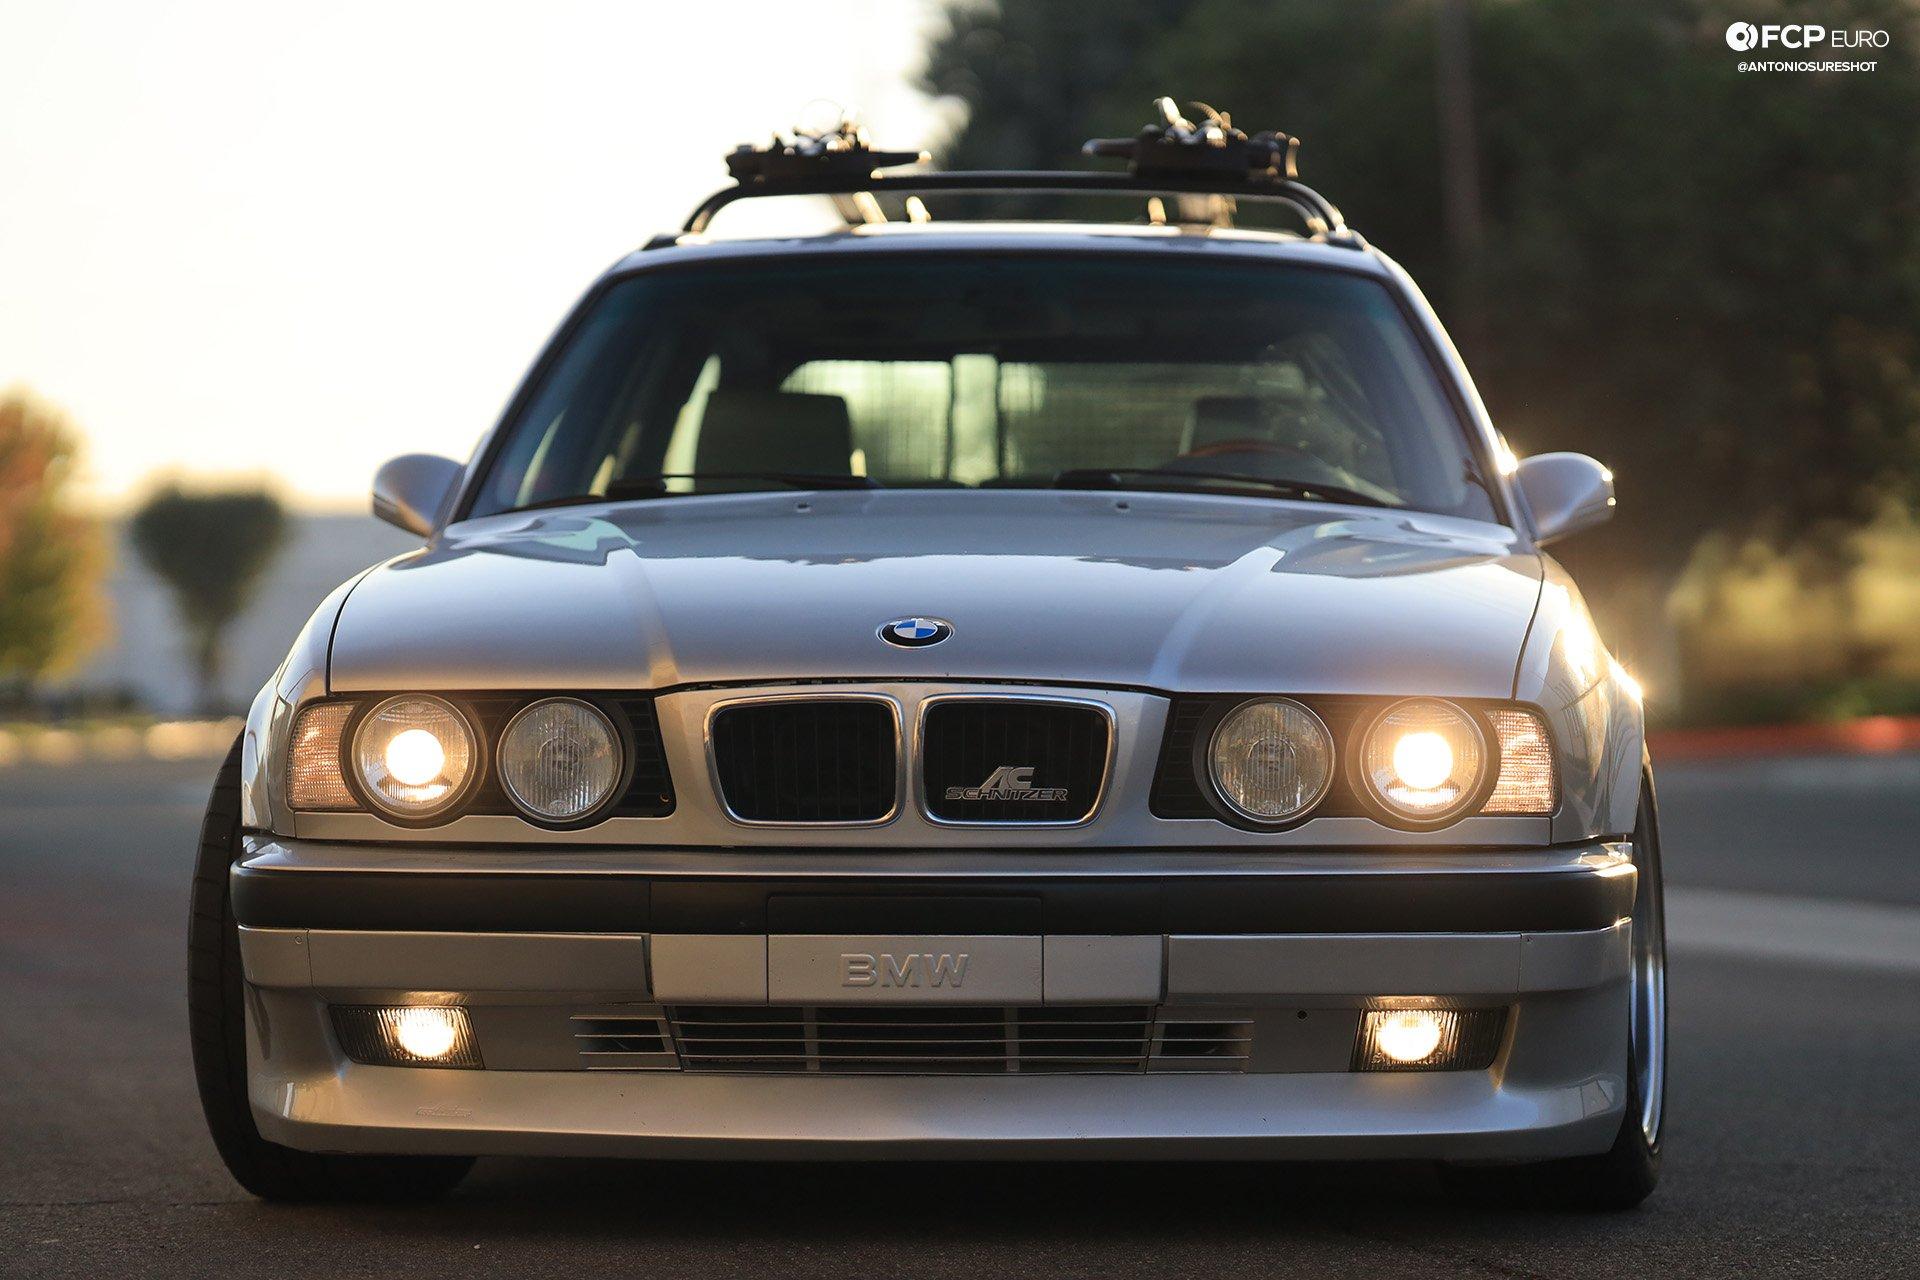 AC Schnitzer E34 Touring BMW Wagon EOSR3974